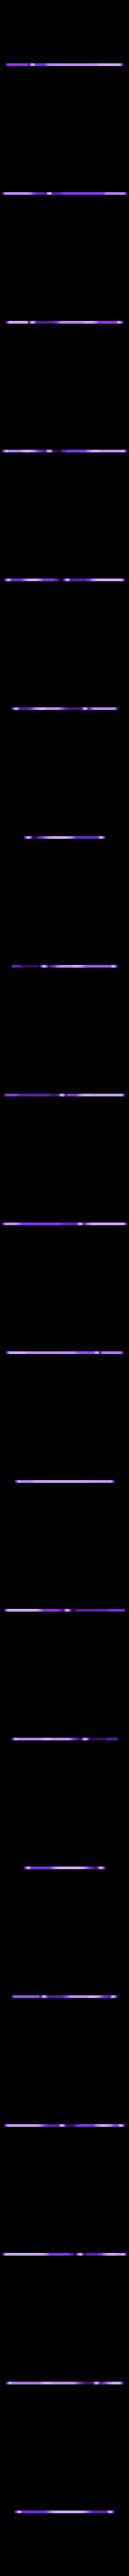 fan-support.STL Télécharger fichier STL gratuit Support de ventilateur 50mm • Plan pour impression 3D, perinski